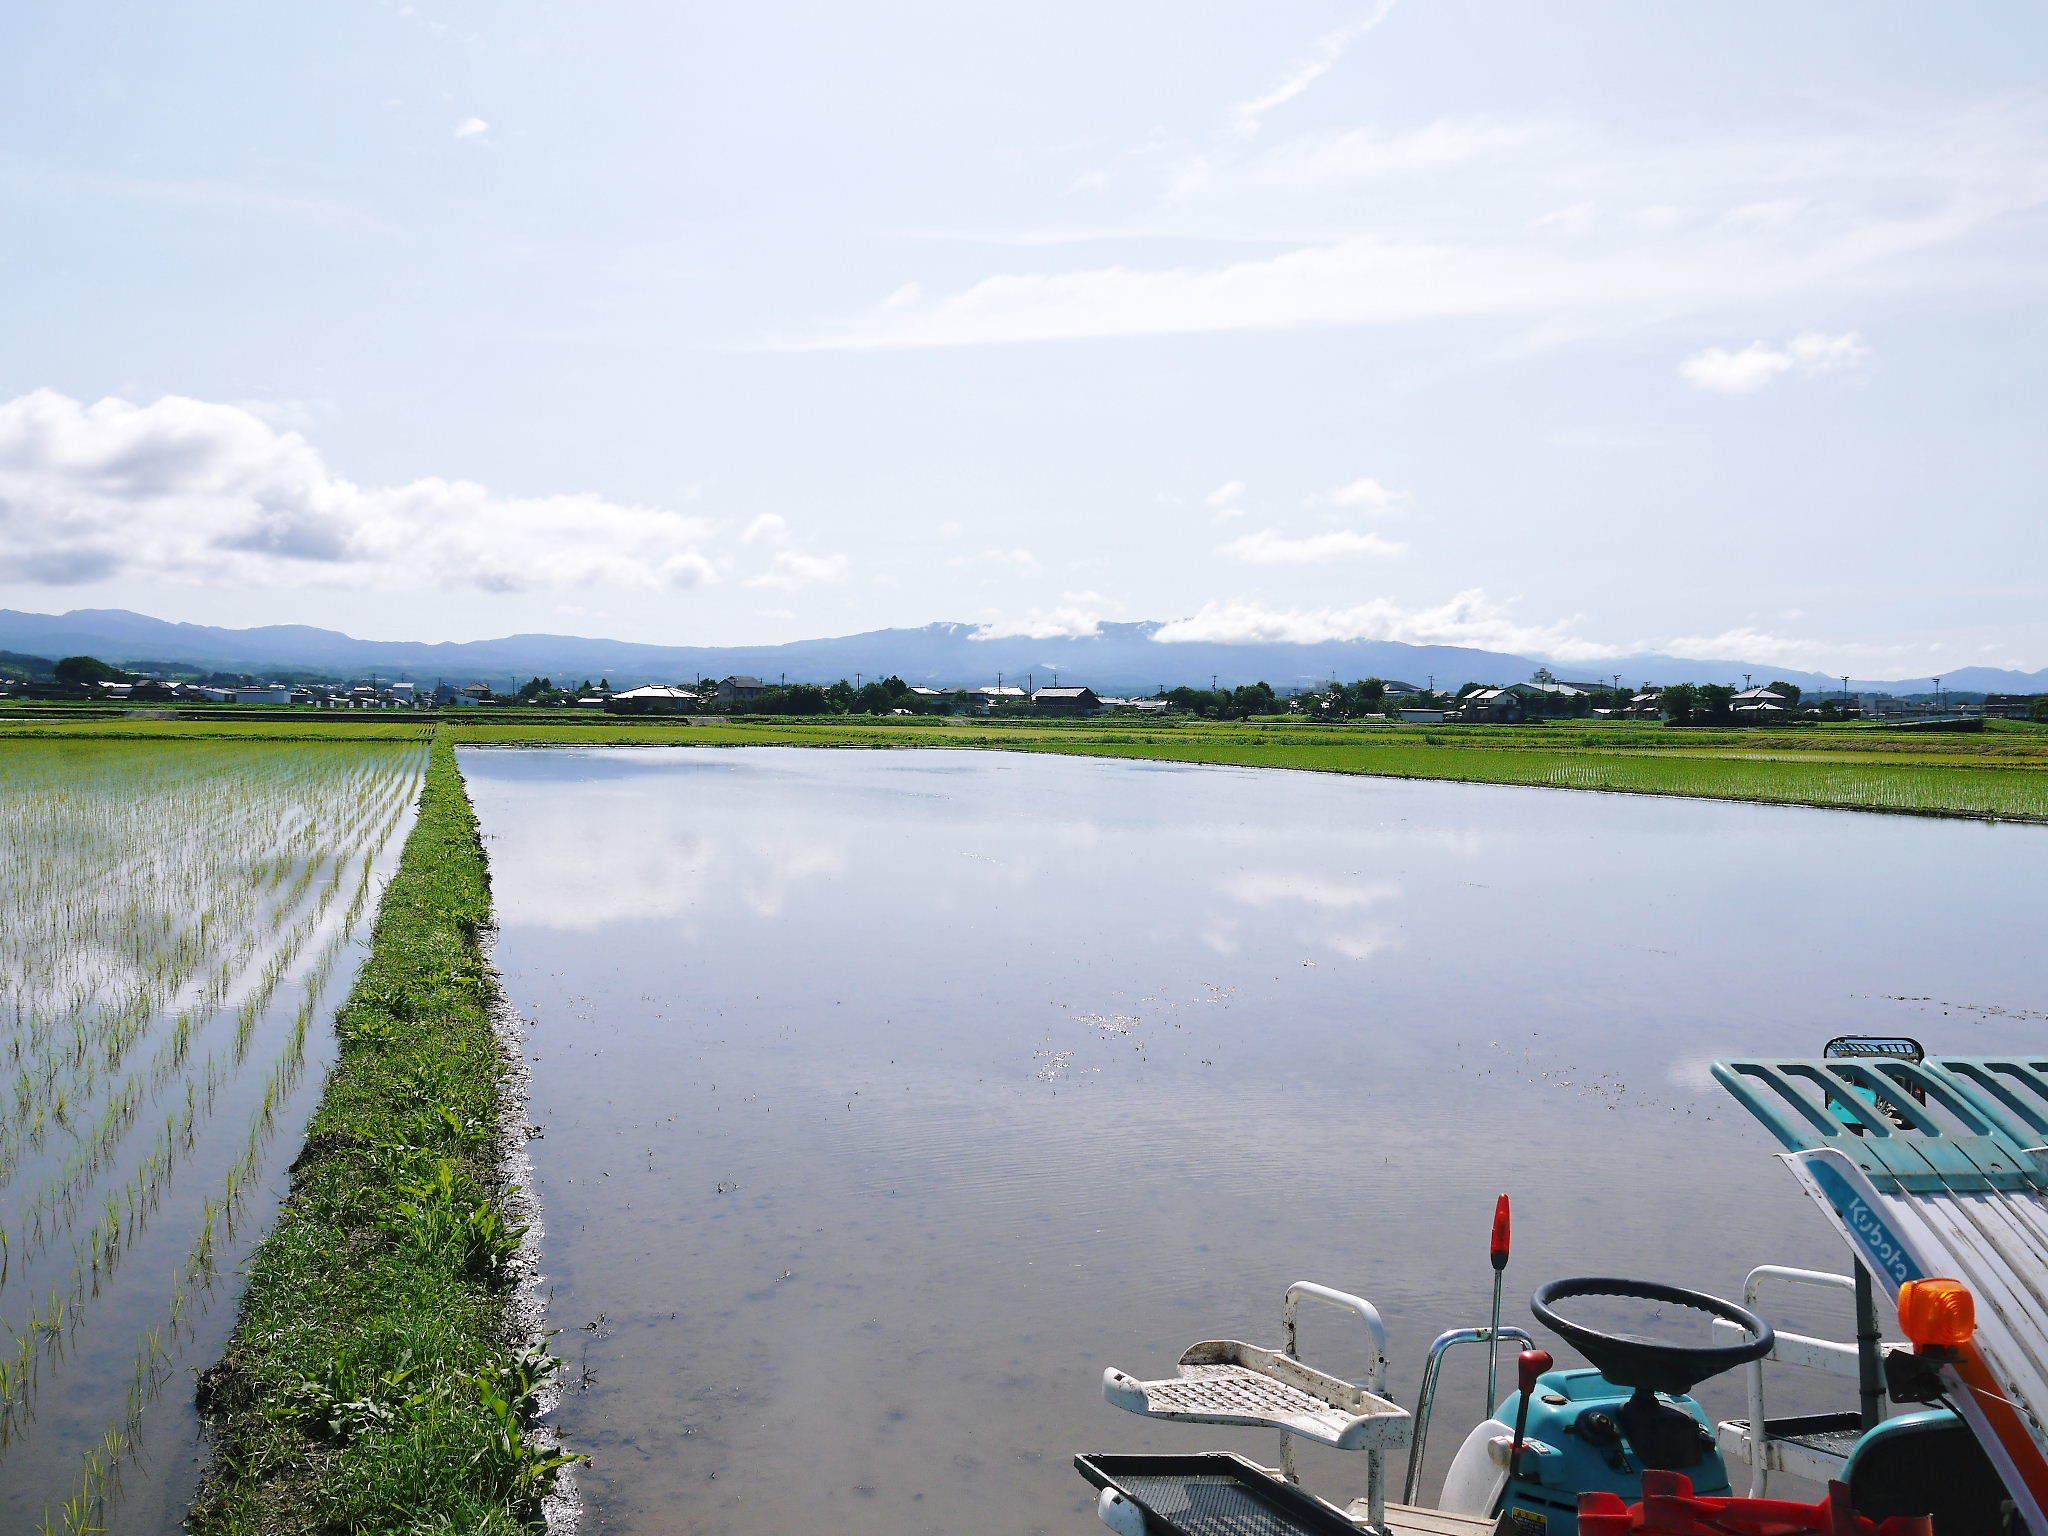 砂田のこだわりれんげ米 田植えの様子(2020) 前編:今年も変わらずれんげを有機肥料にした田んぼです_a0254656_18061666.jpg